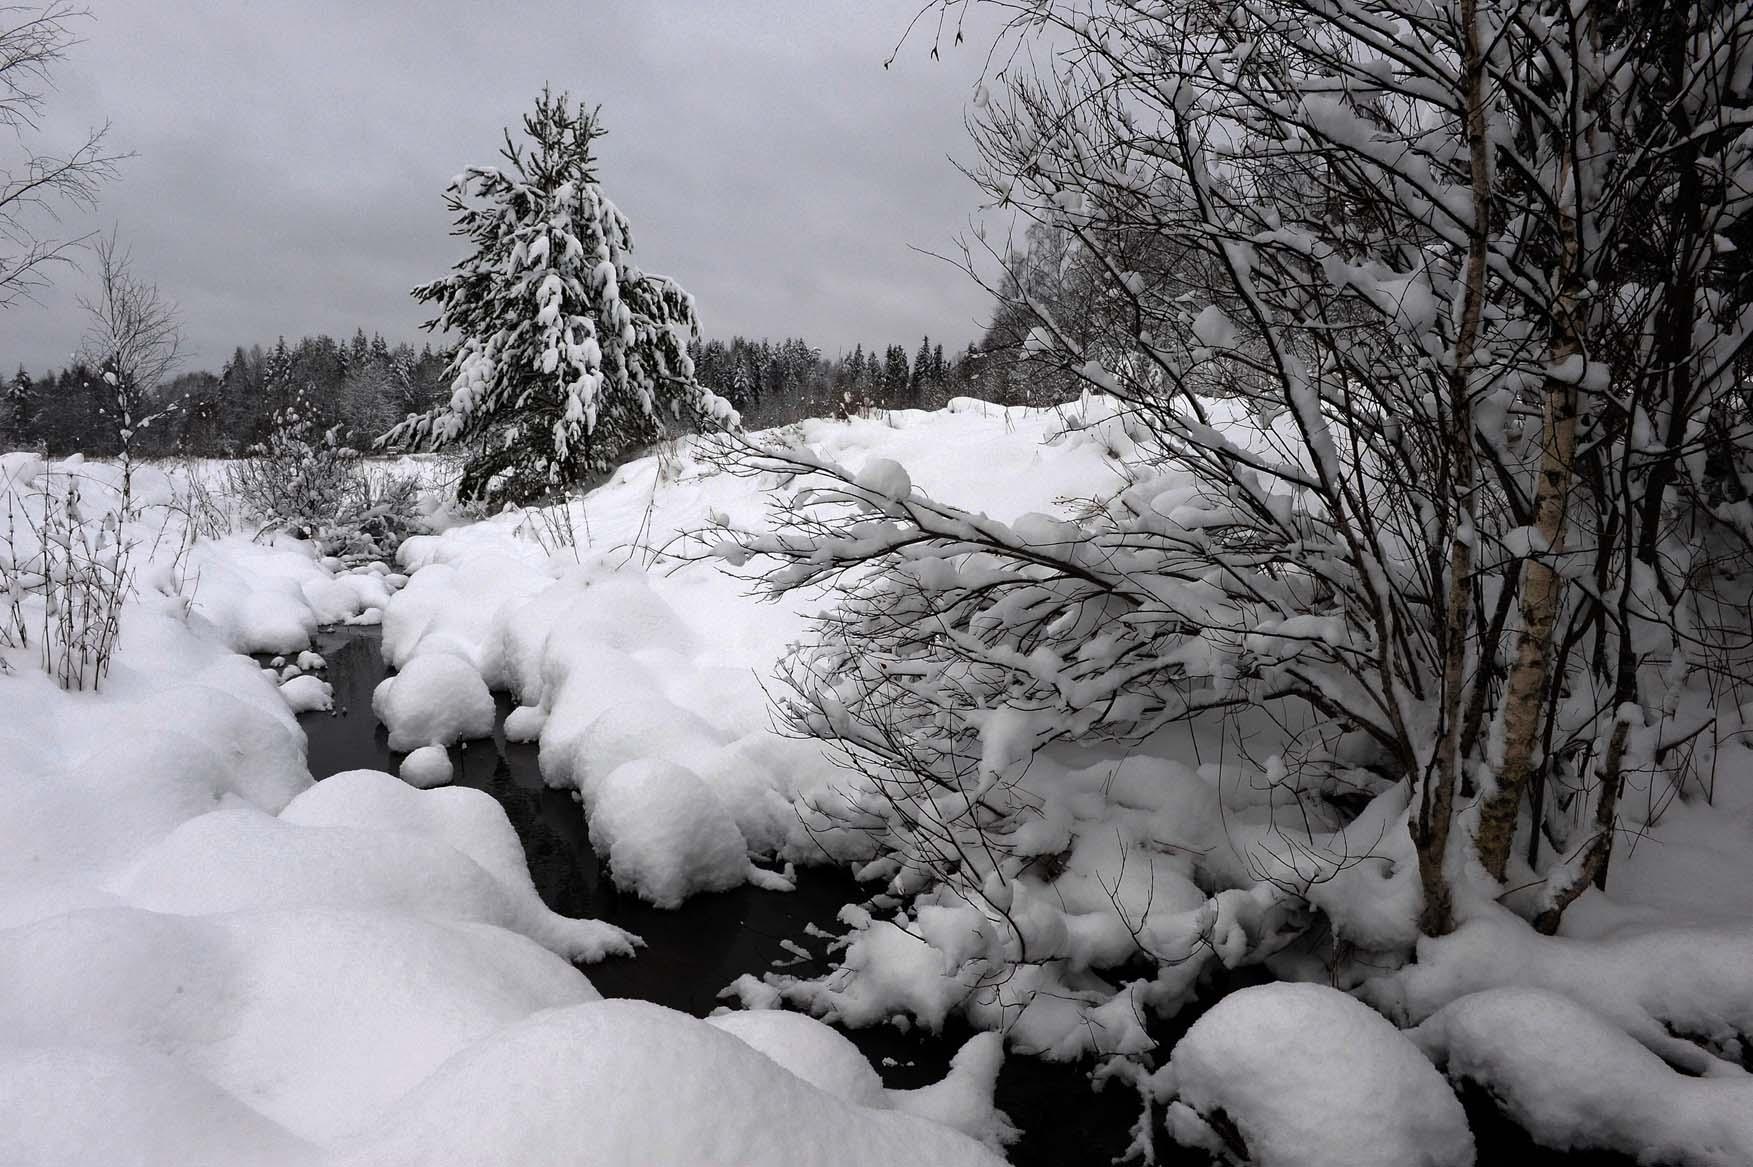 Серый, серый, серый январь.... Автор фото: Костюкевич Сергей, г.Санкт-Петербург